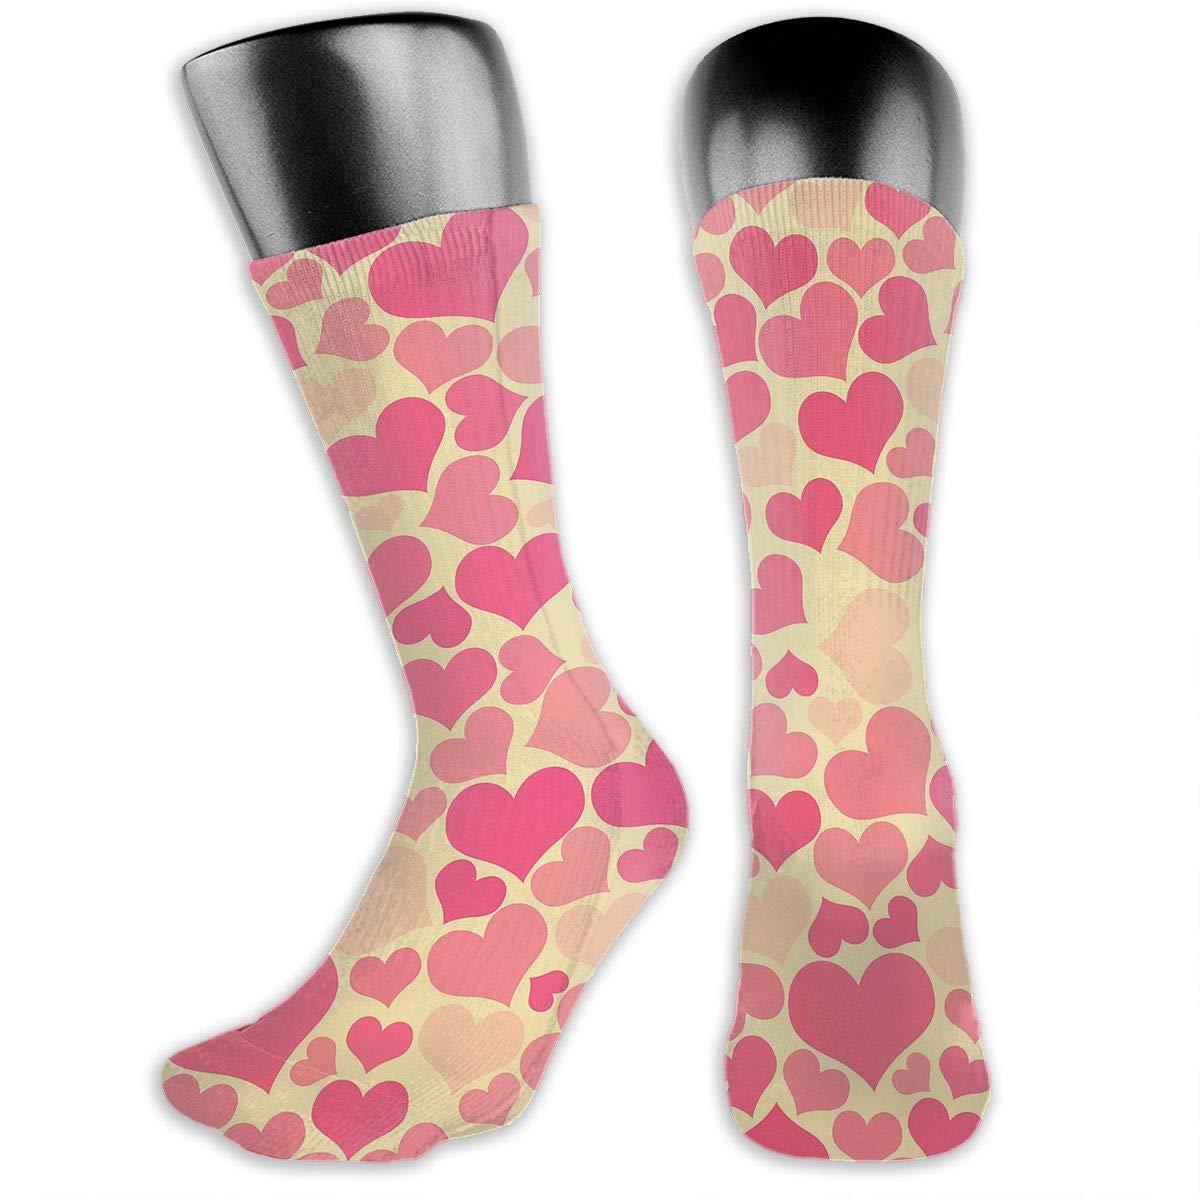 Heart Pattern Mens Dress Socks Novelty Crew Socks 15.7